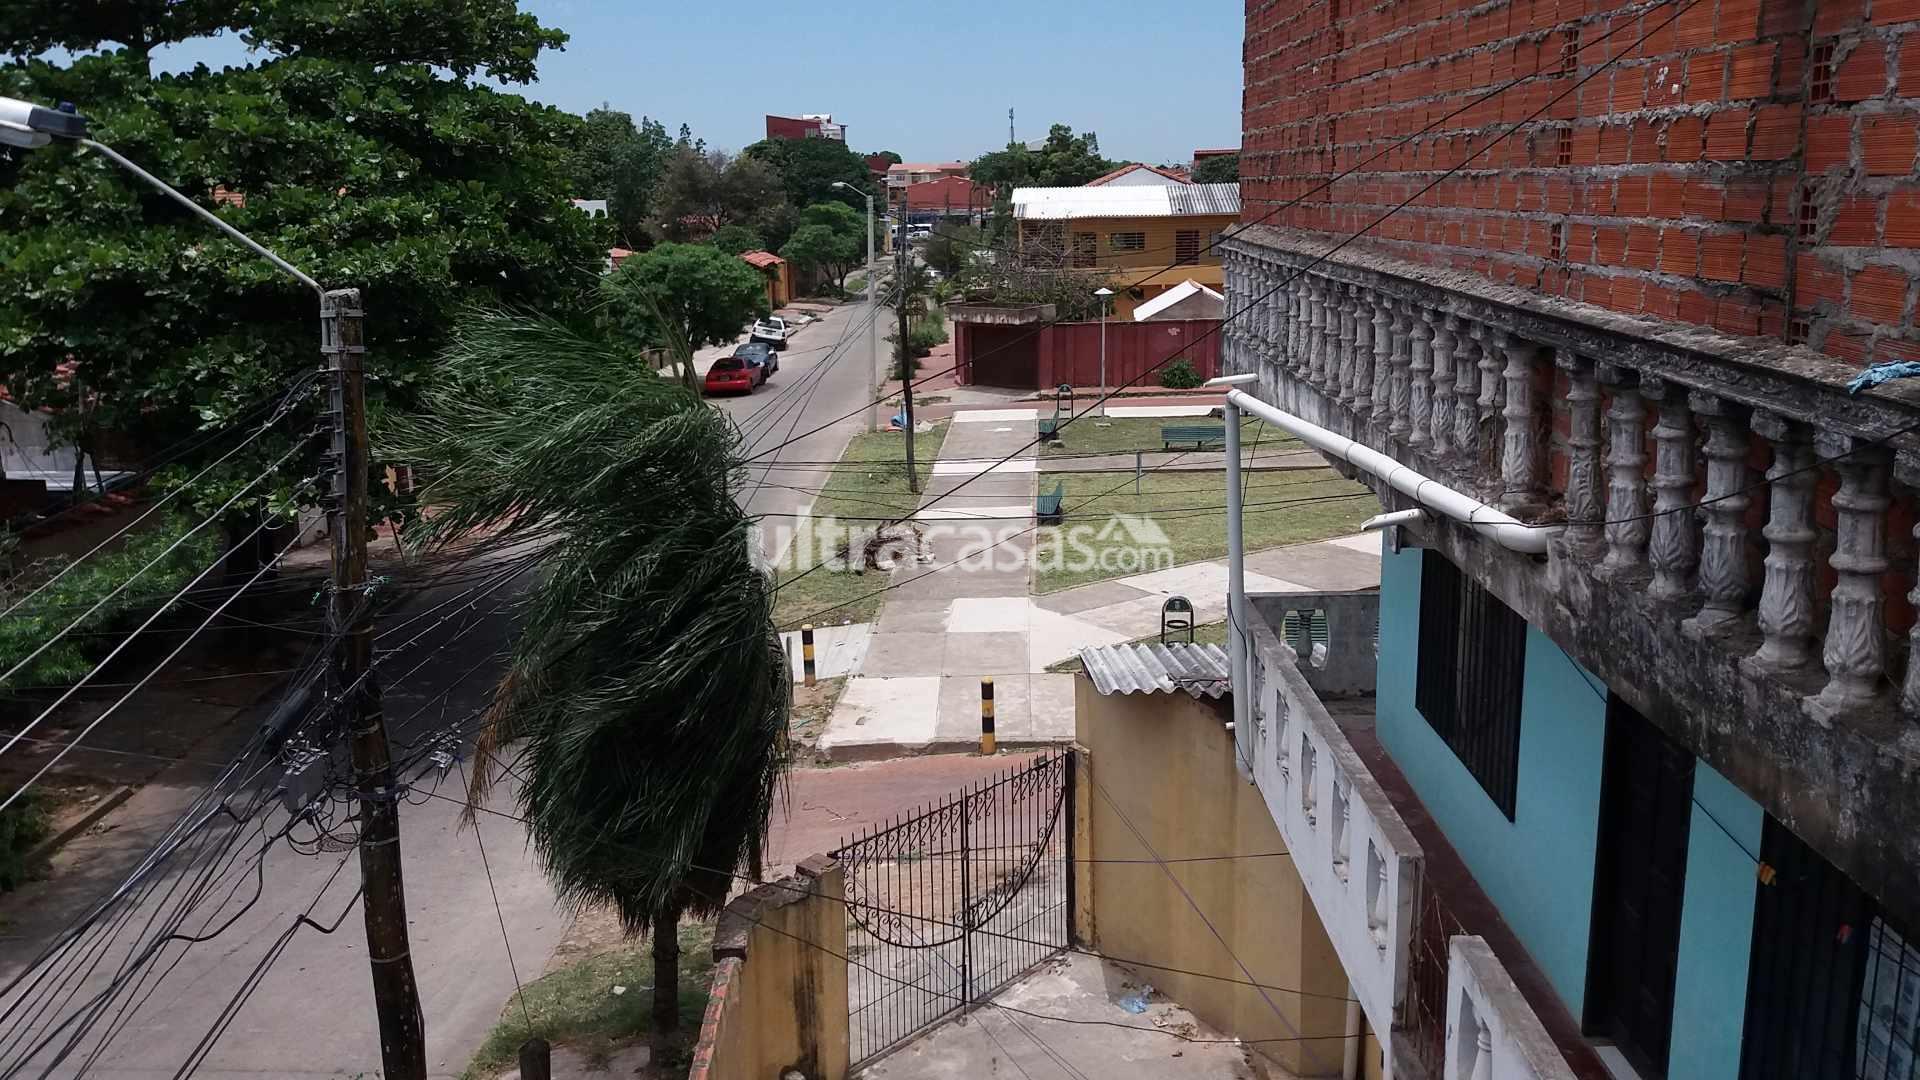 Departamento en Anticretico Av. Paragua, Calle Los Tucanes # 2460 Foto 2